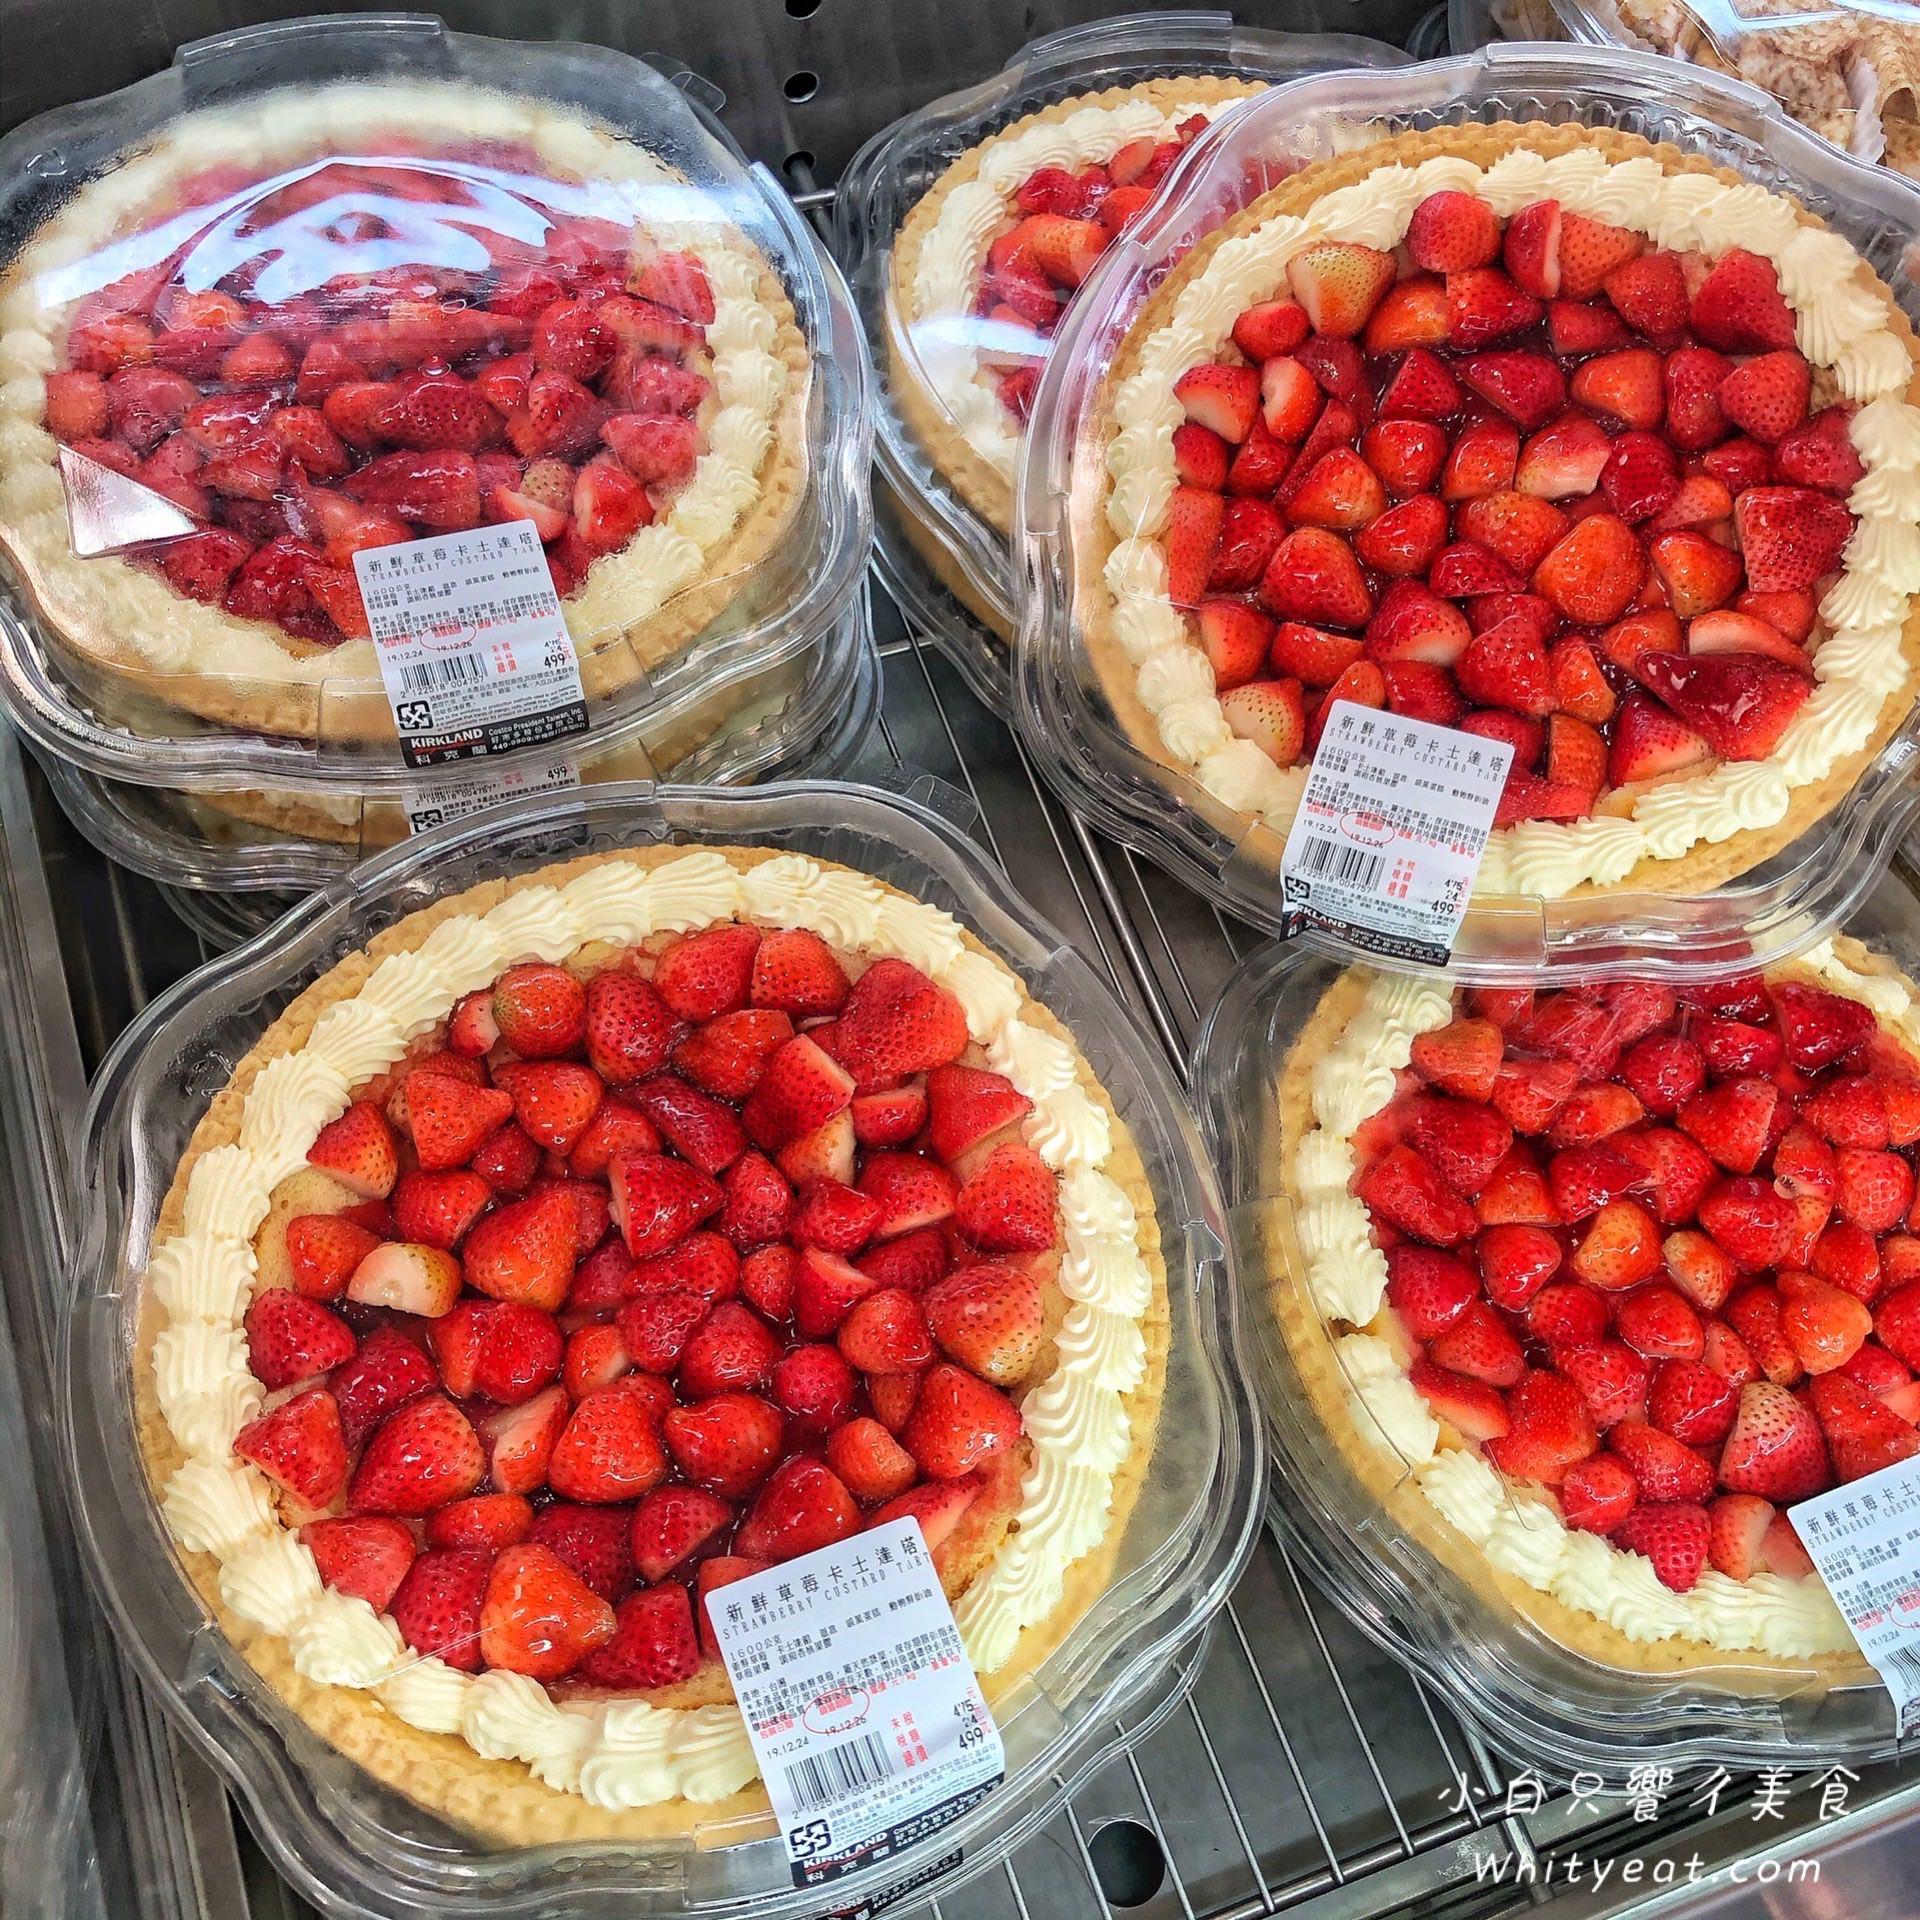 快衝好市多!竟出現5倍放大版「巨無霸草莓卡士達塔」滿滿草莓總重1600公克超浮誇